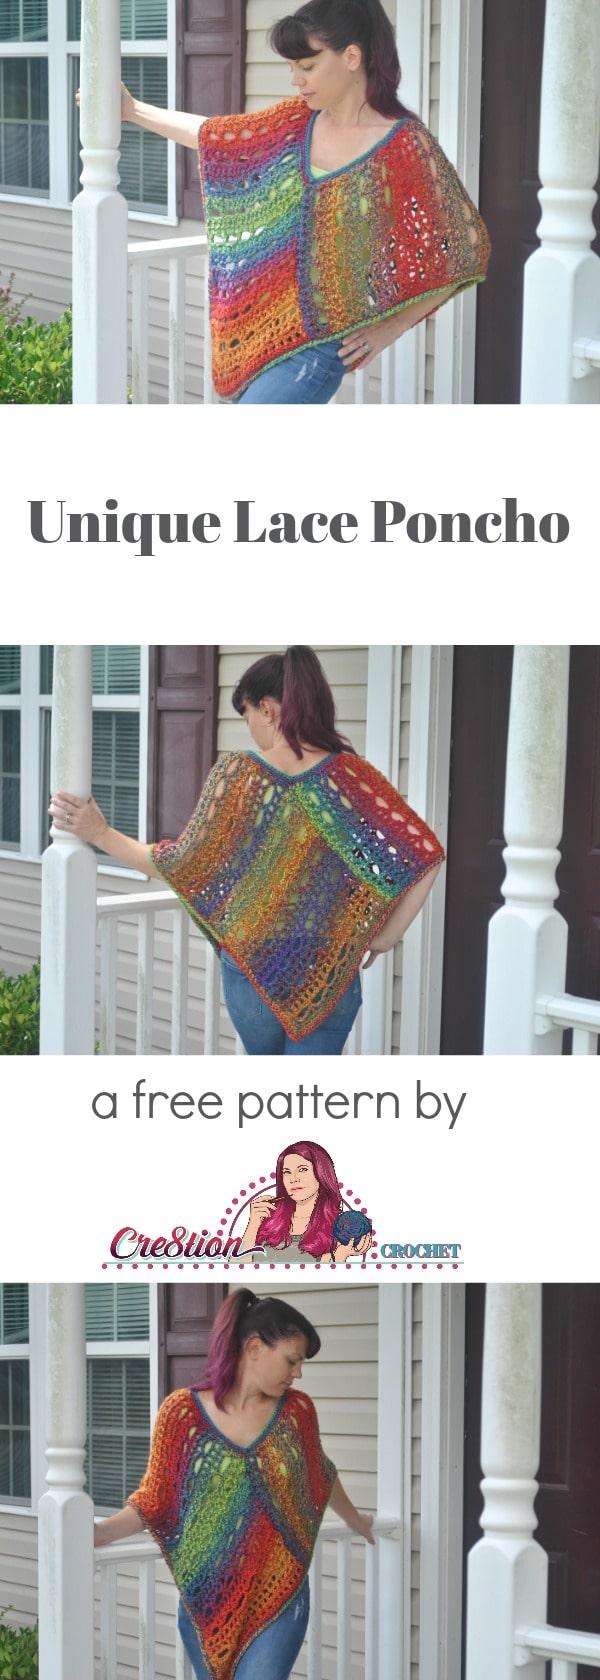 Unique Lace Poncho - Cre8tion Crochet